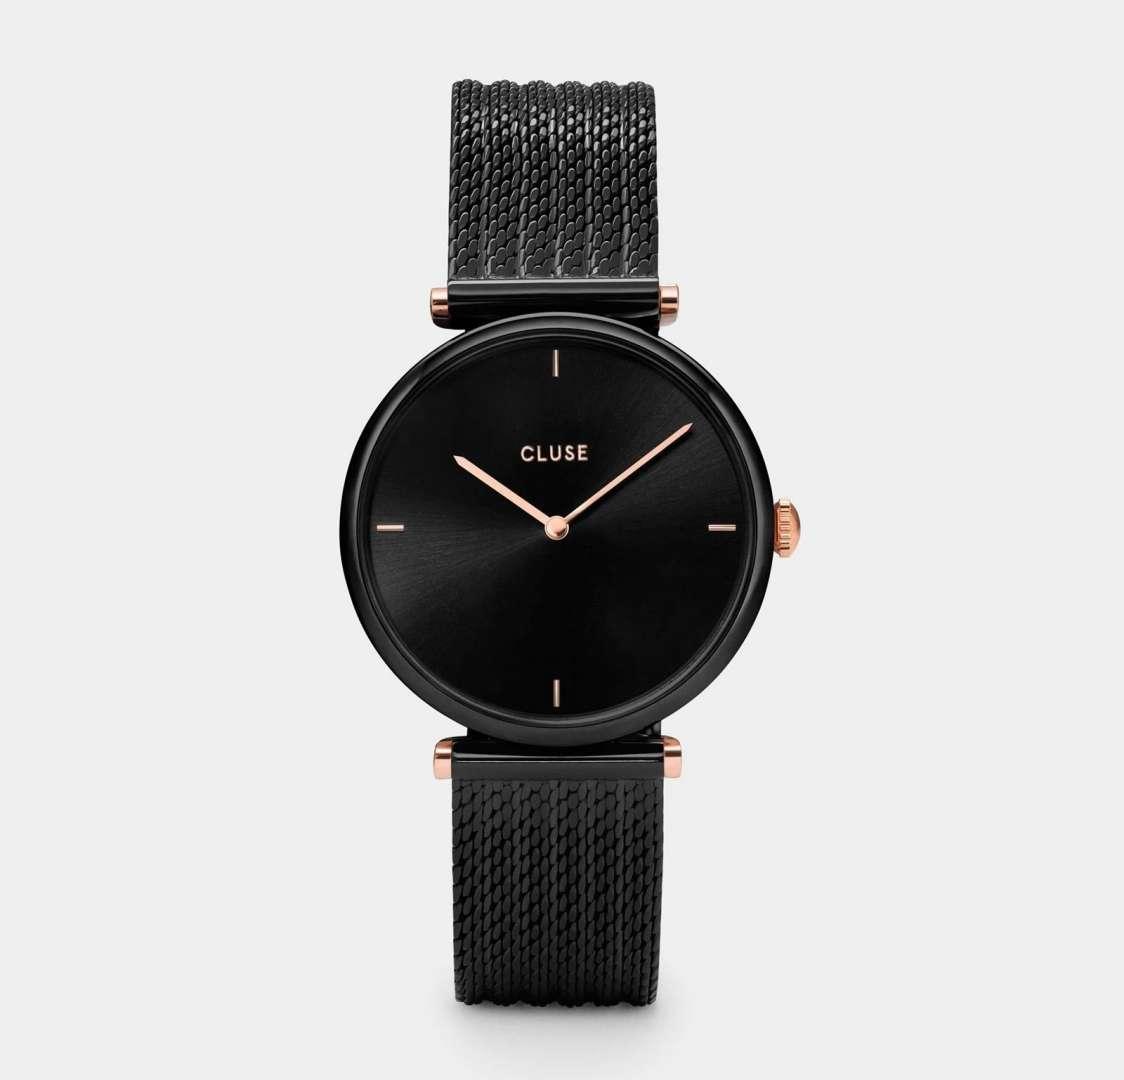 שעון יד אנלוגי cluse cl61004 קלוז